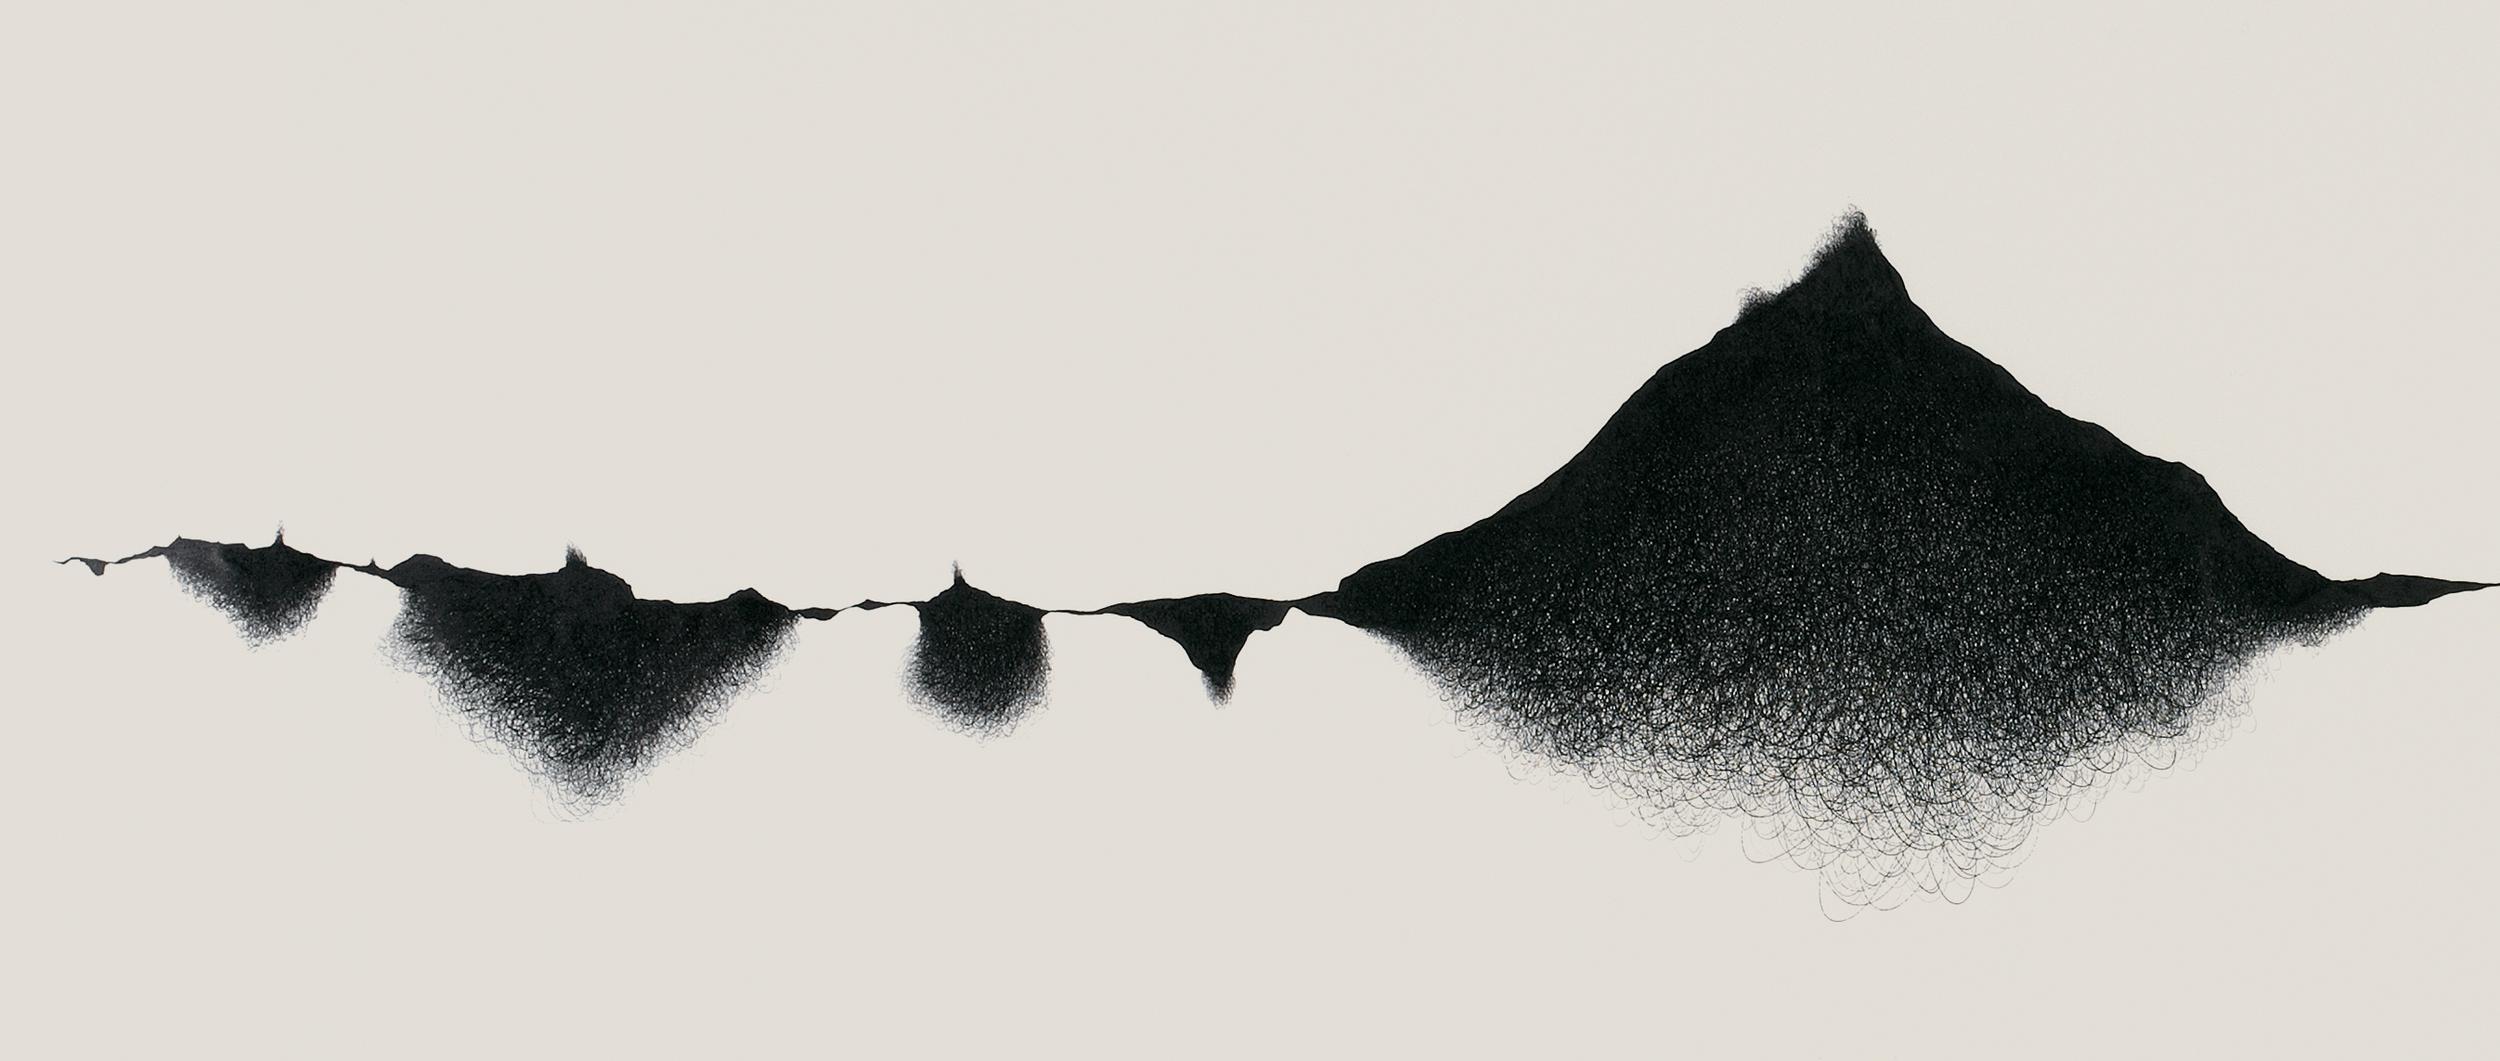 Peaks (detail)